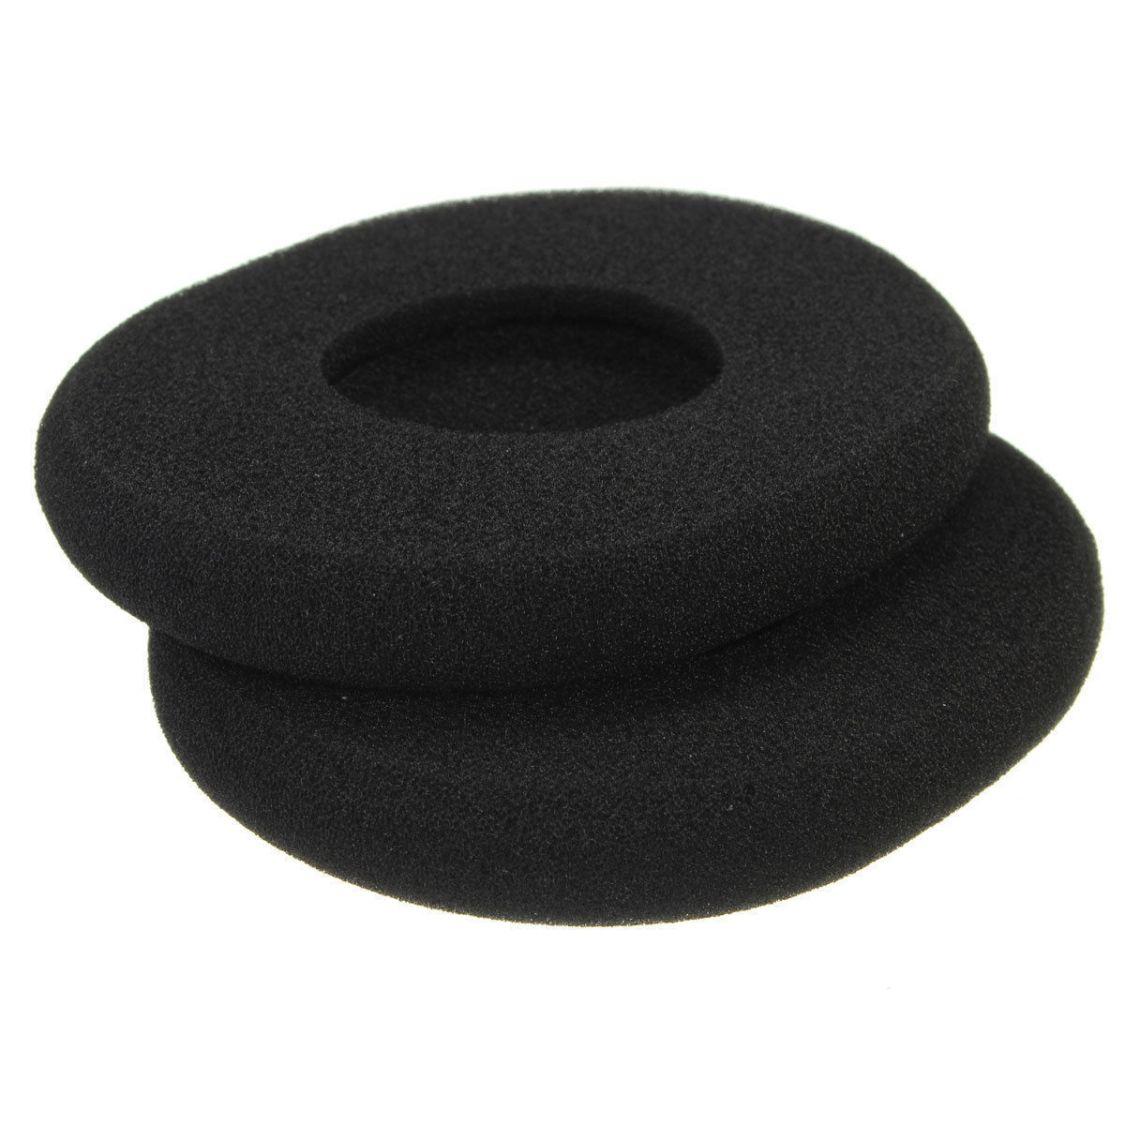 Ohrkissen Ohrpolster Schaumstoff für Kopfhörer  Sony Sennheiser Logitech 55 mm